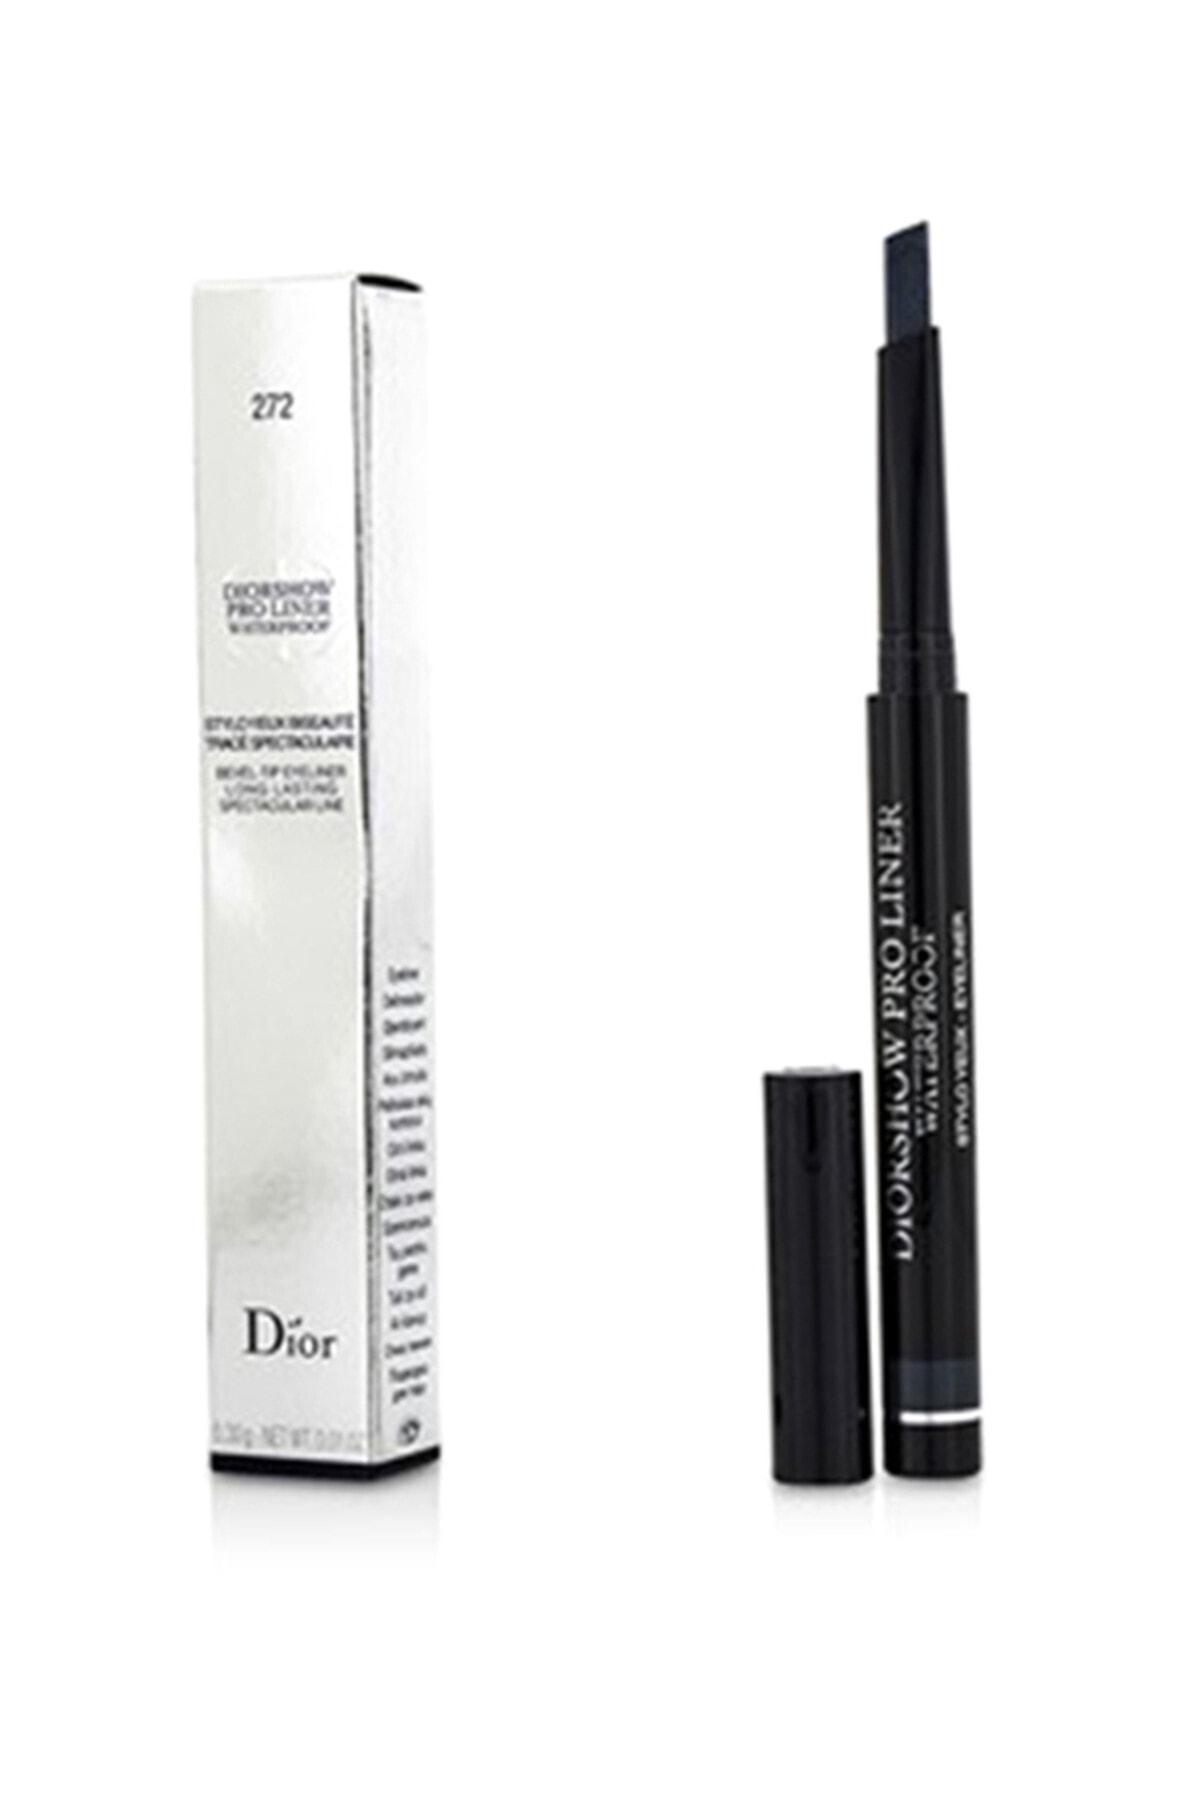 Dior Suya Dayanıklı Mavi Eyeliner - Diorshow Proliner 272 Pro Blue 3348901252829 1